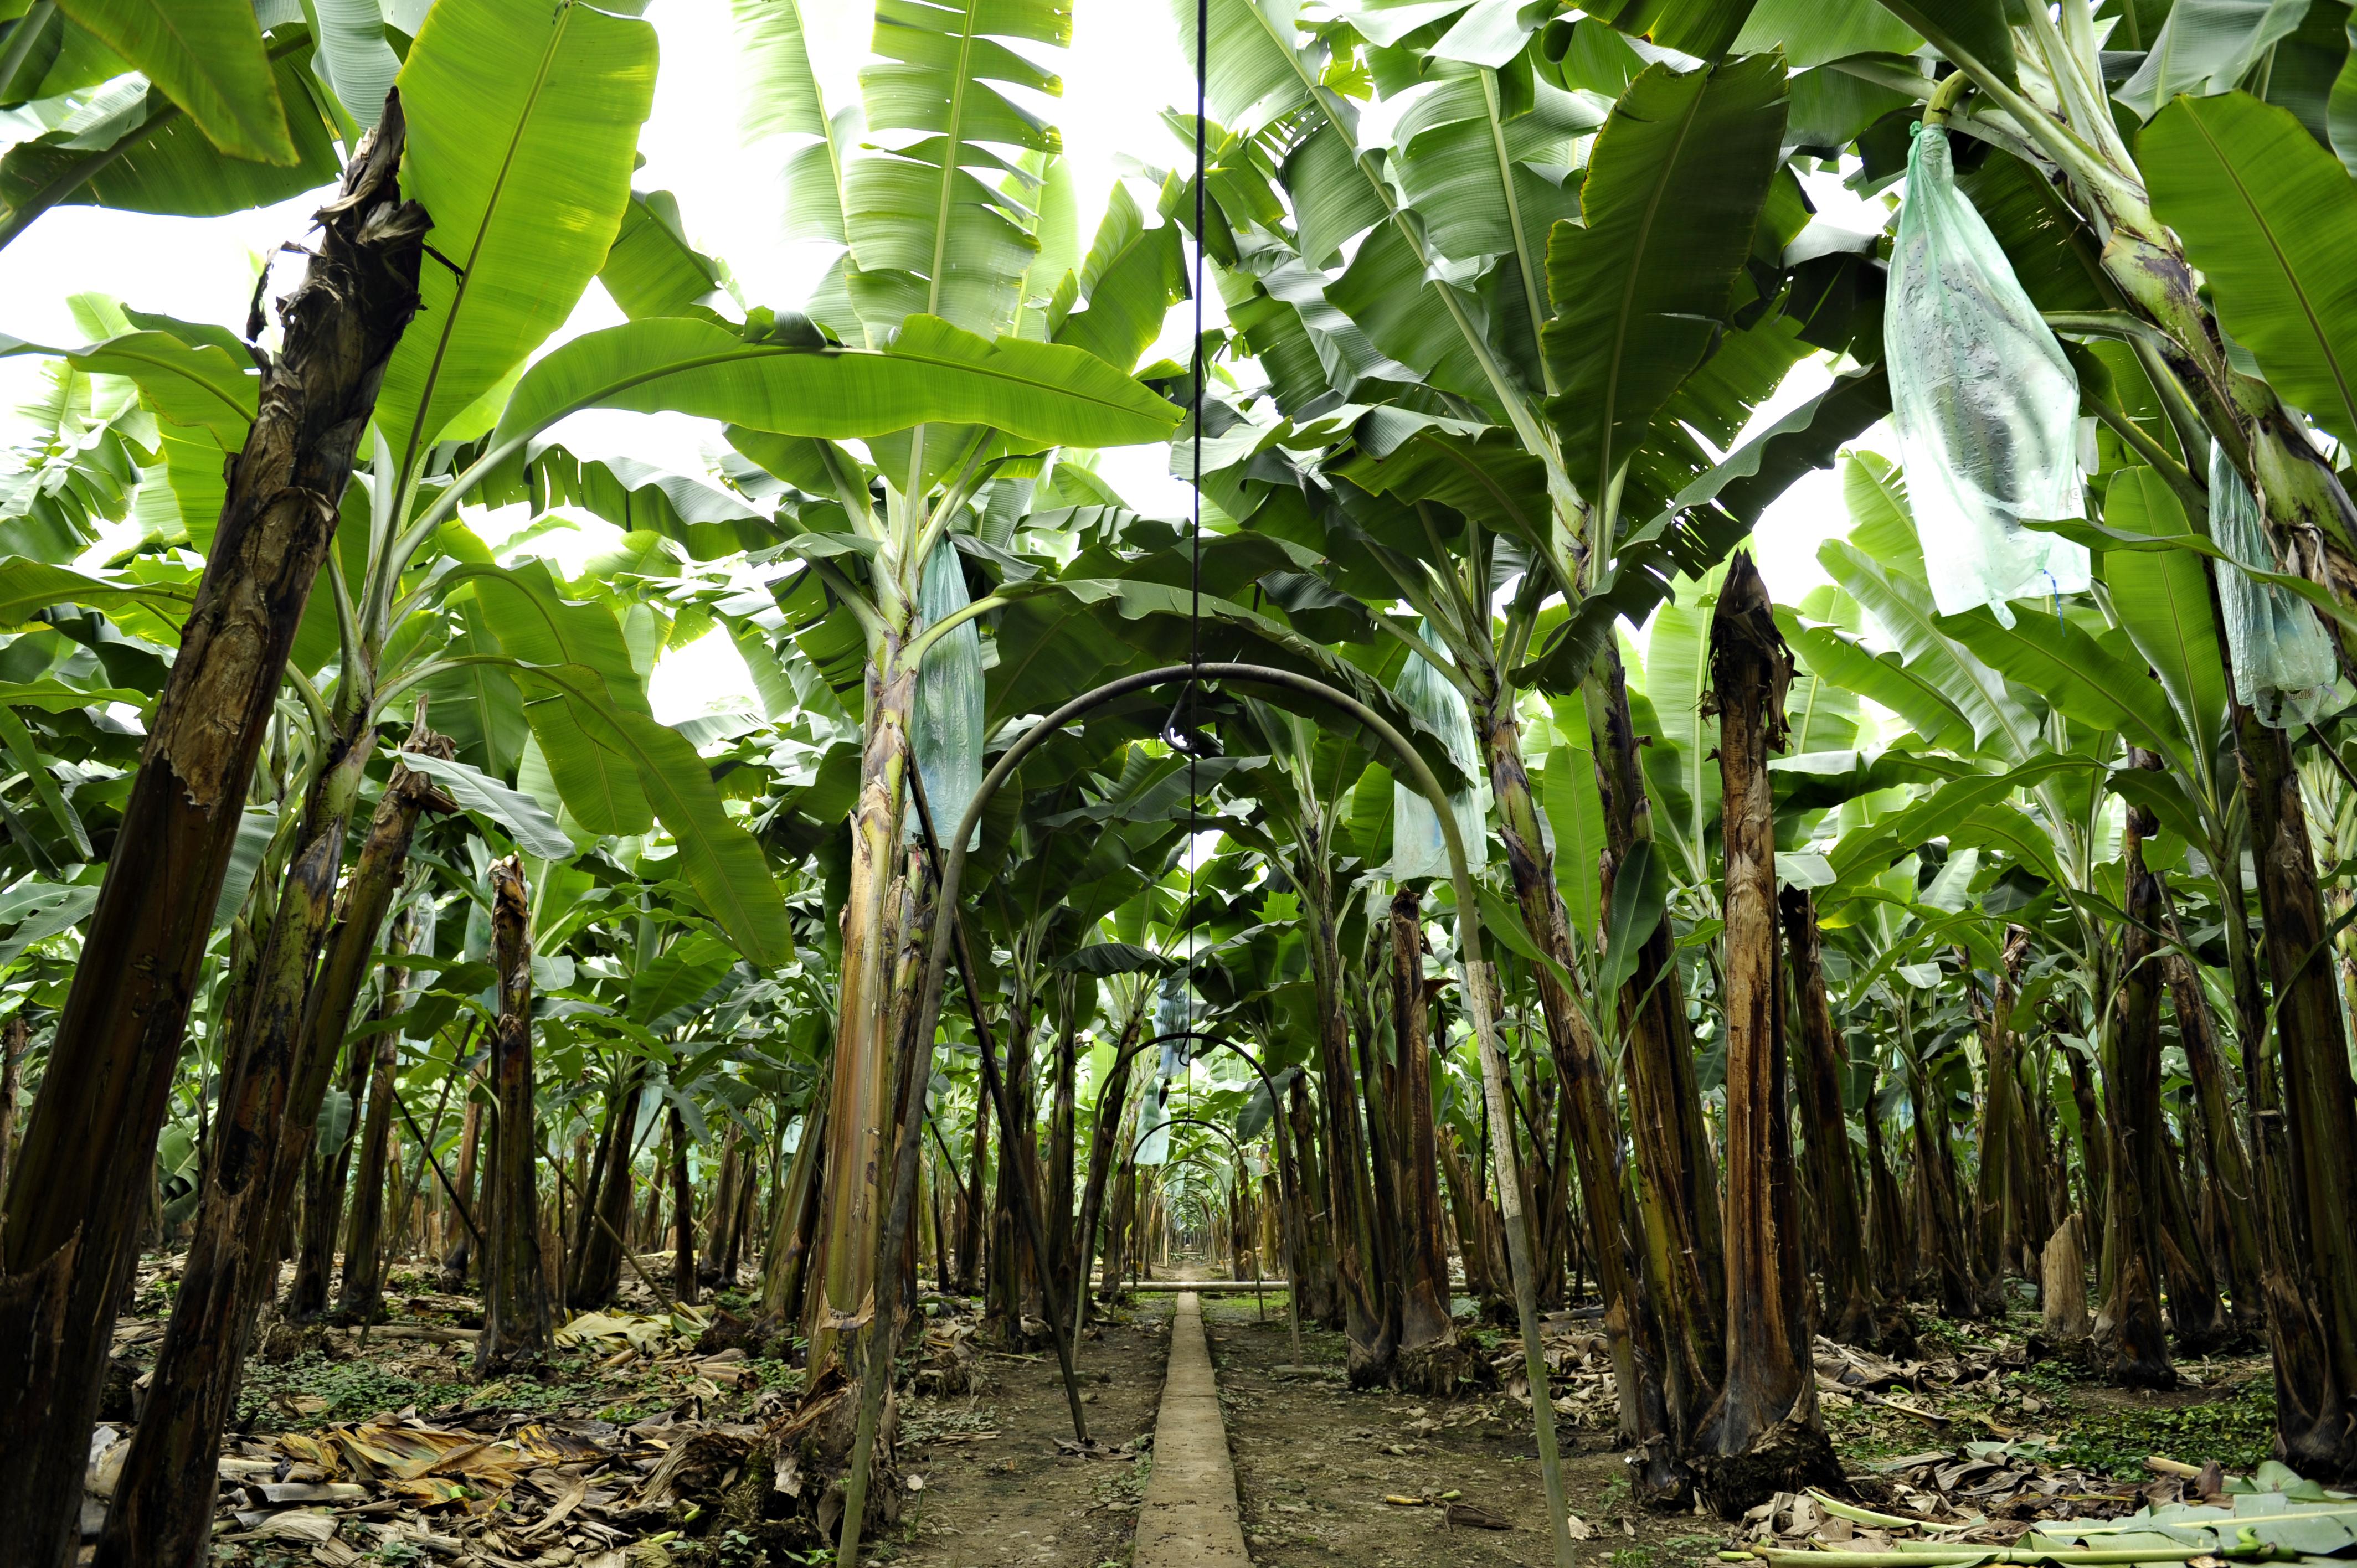 Ecuador Fresh Banana - _SRN1876_edit.jpg